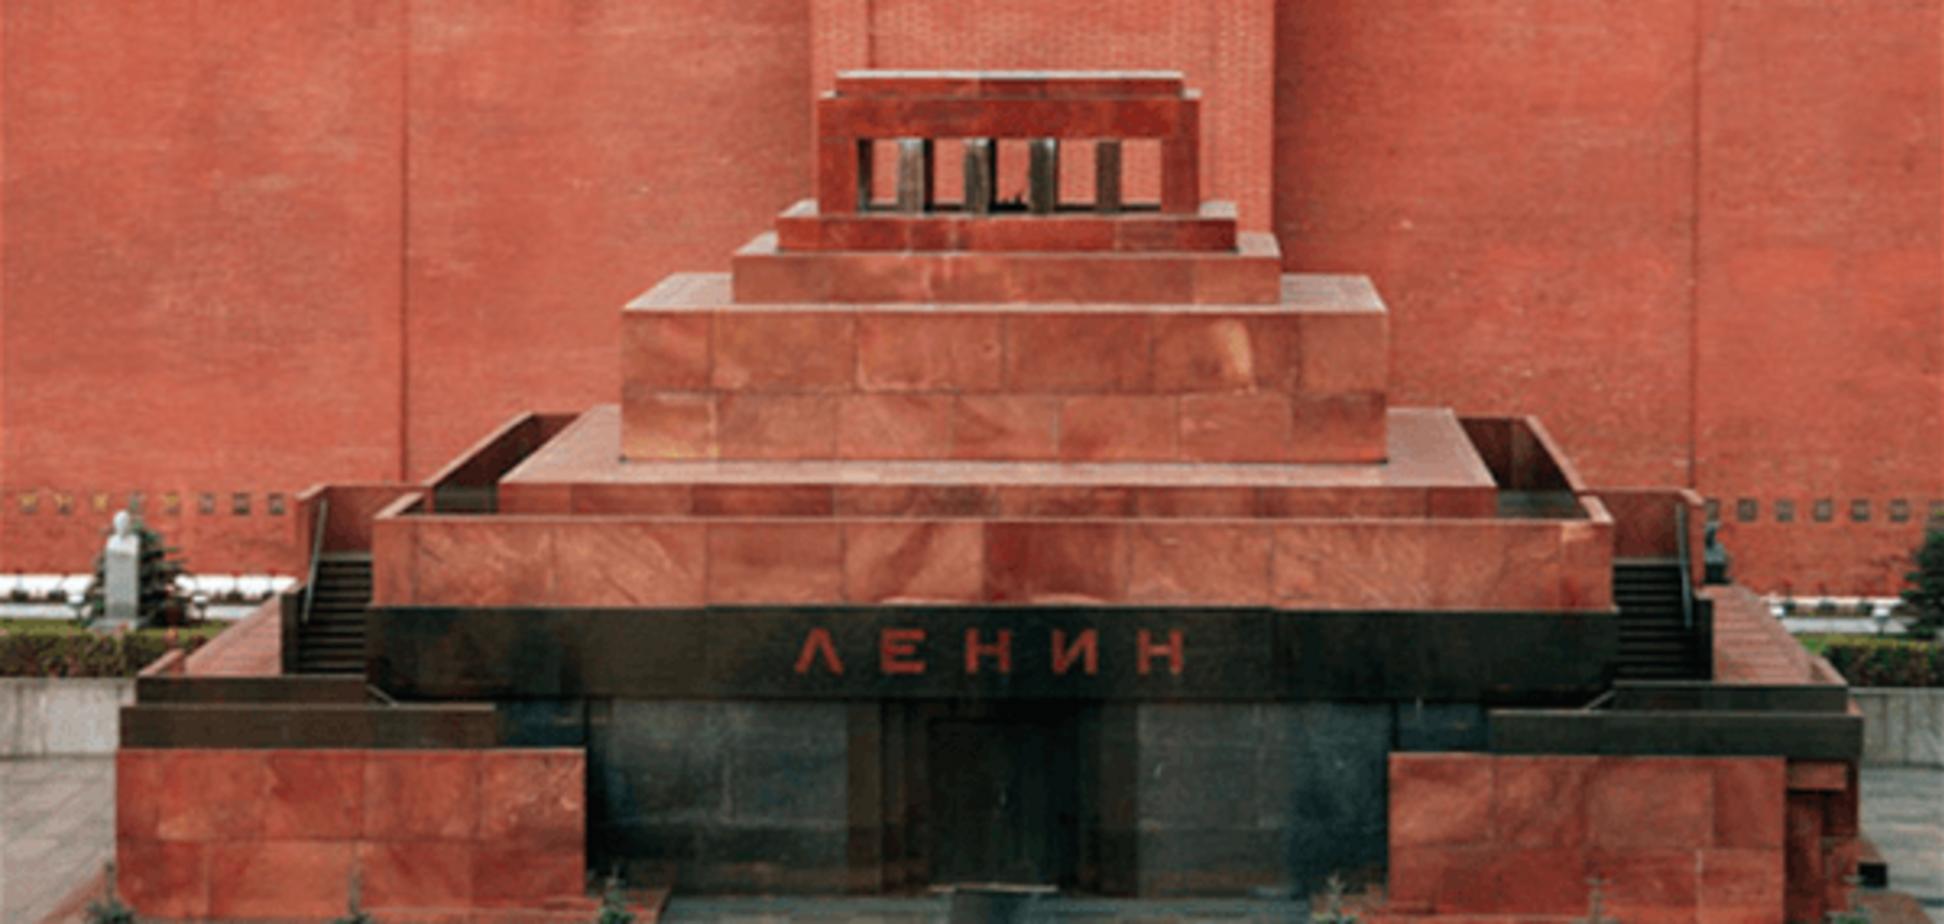 Обнаженный мужчина пытался пробраться в мавзолей 'под бочок' к Ленину